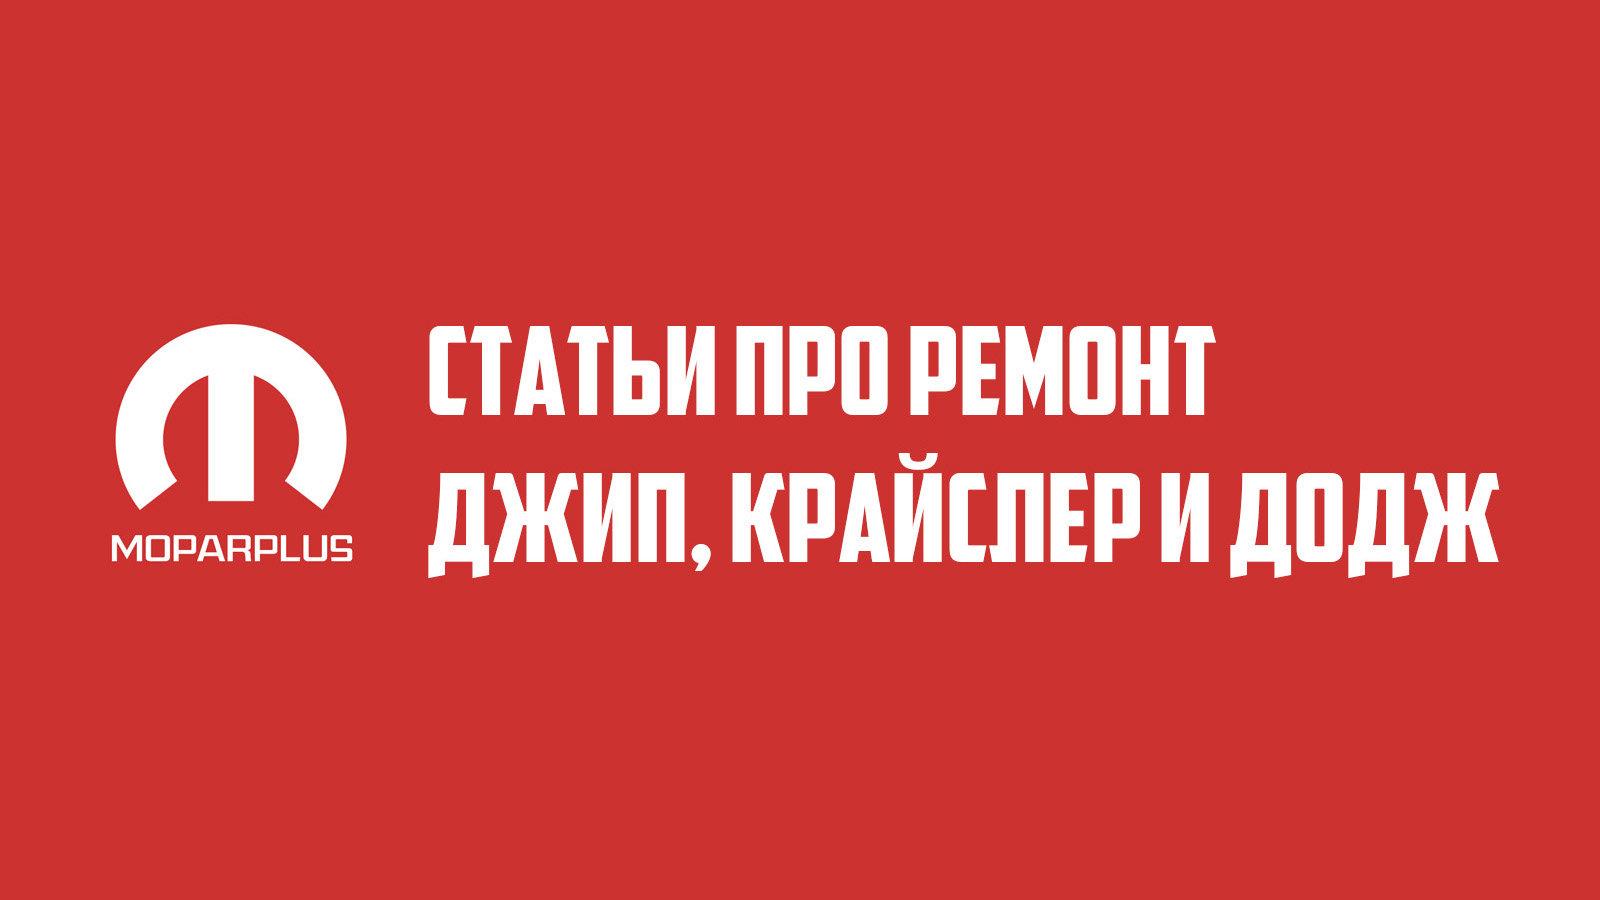 Статьи про ремонт. Выпуск №7.